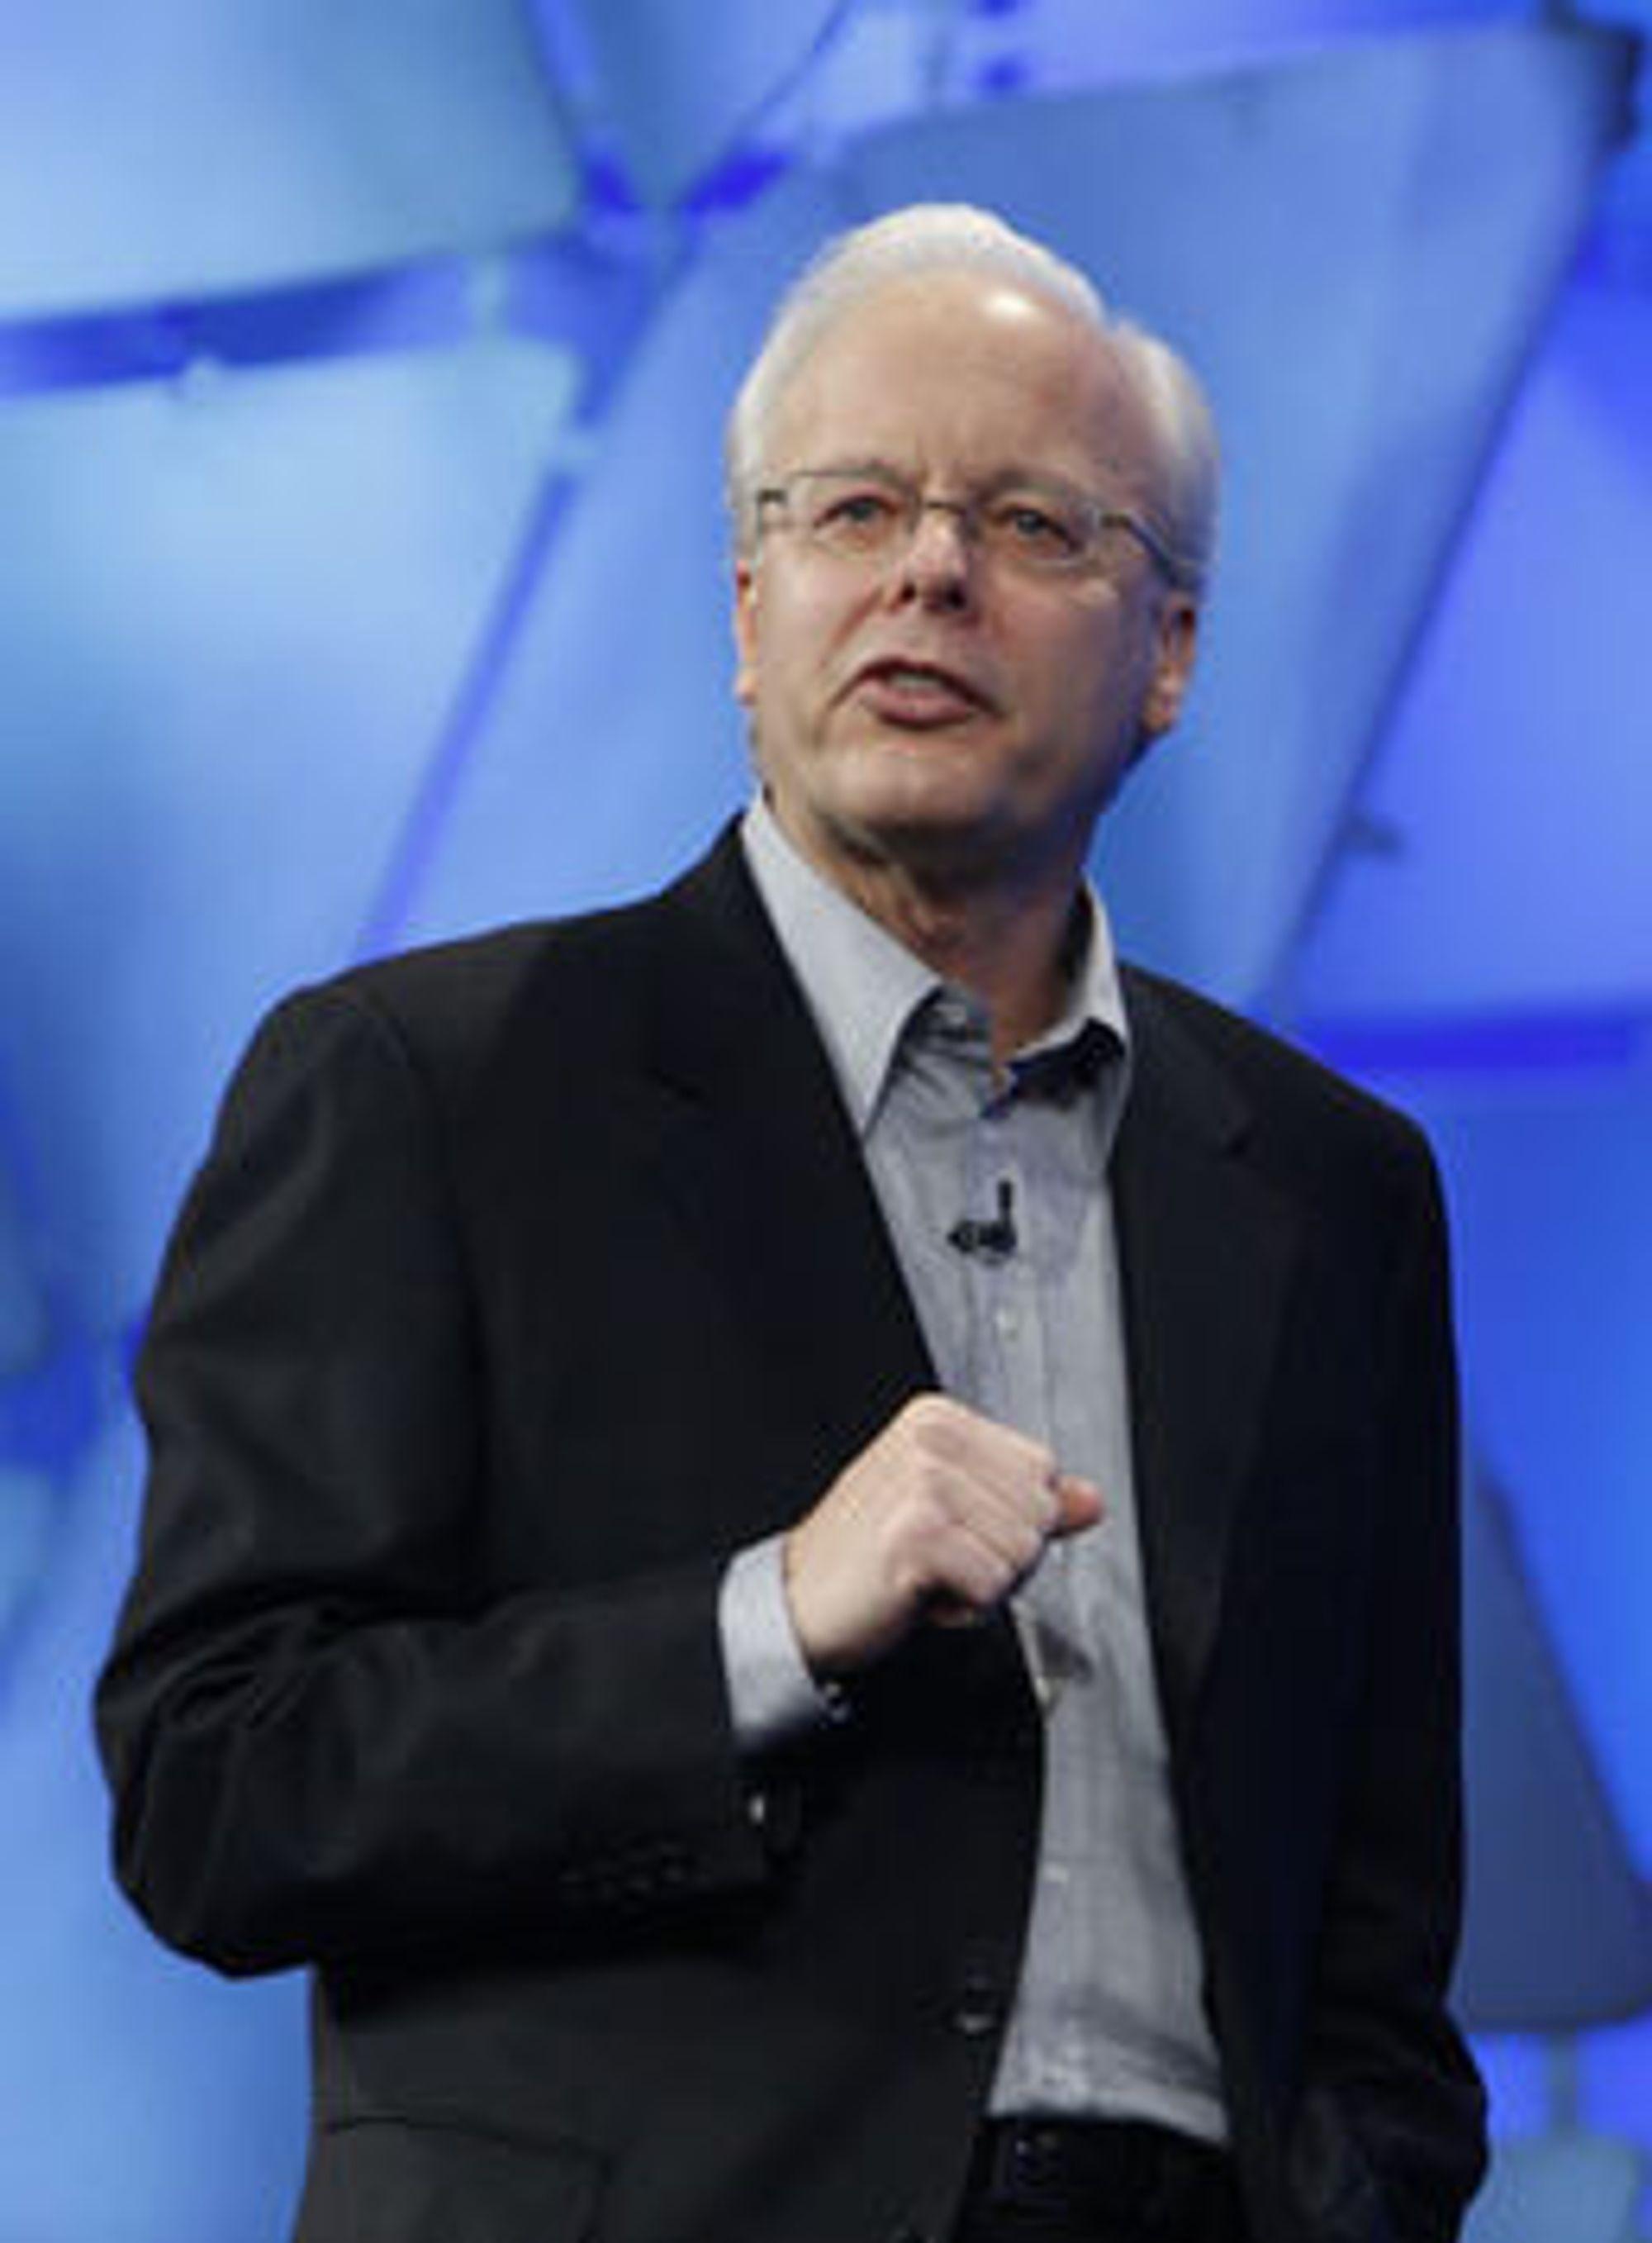 Ray Ozzie overtok som sjefstrateg etter Bill Gates i 2006, men forlot Microsoft i 2010. Nå er Lotus Notes-gründeren klar med nytt samhandlingsverktøy for mobil.